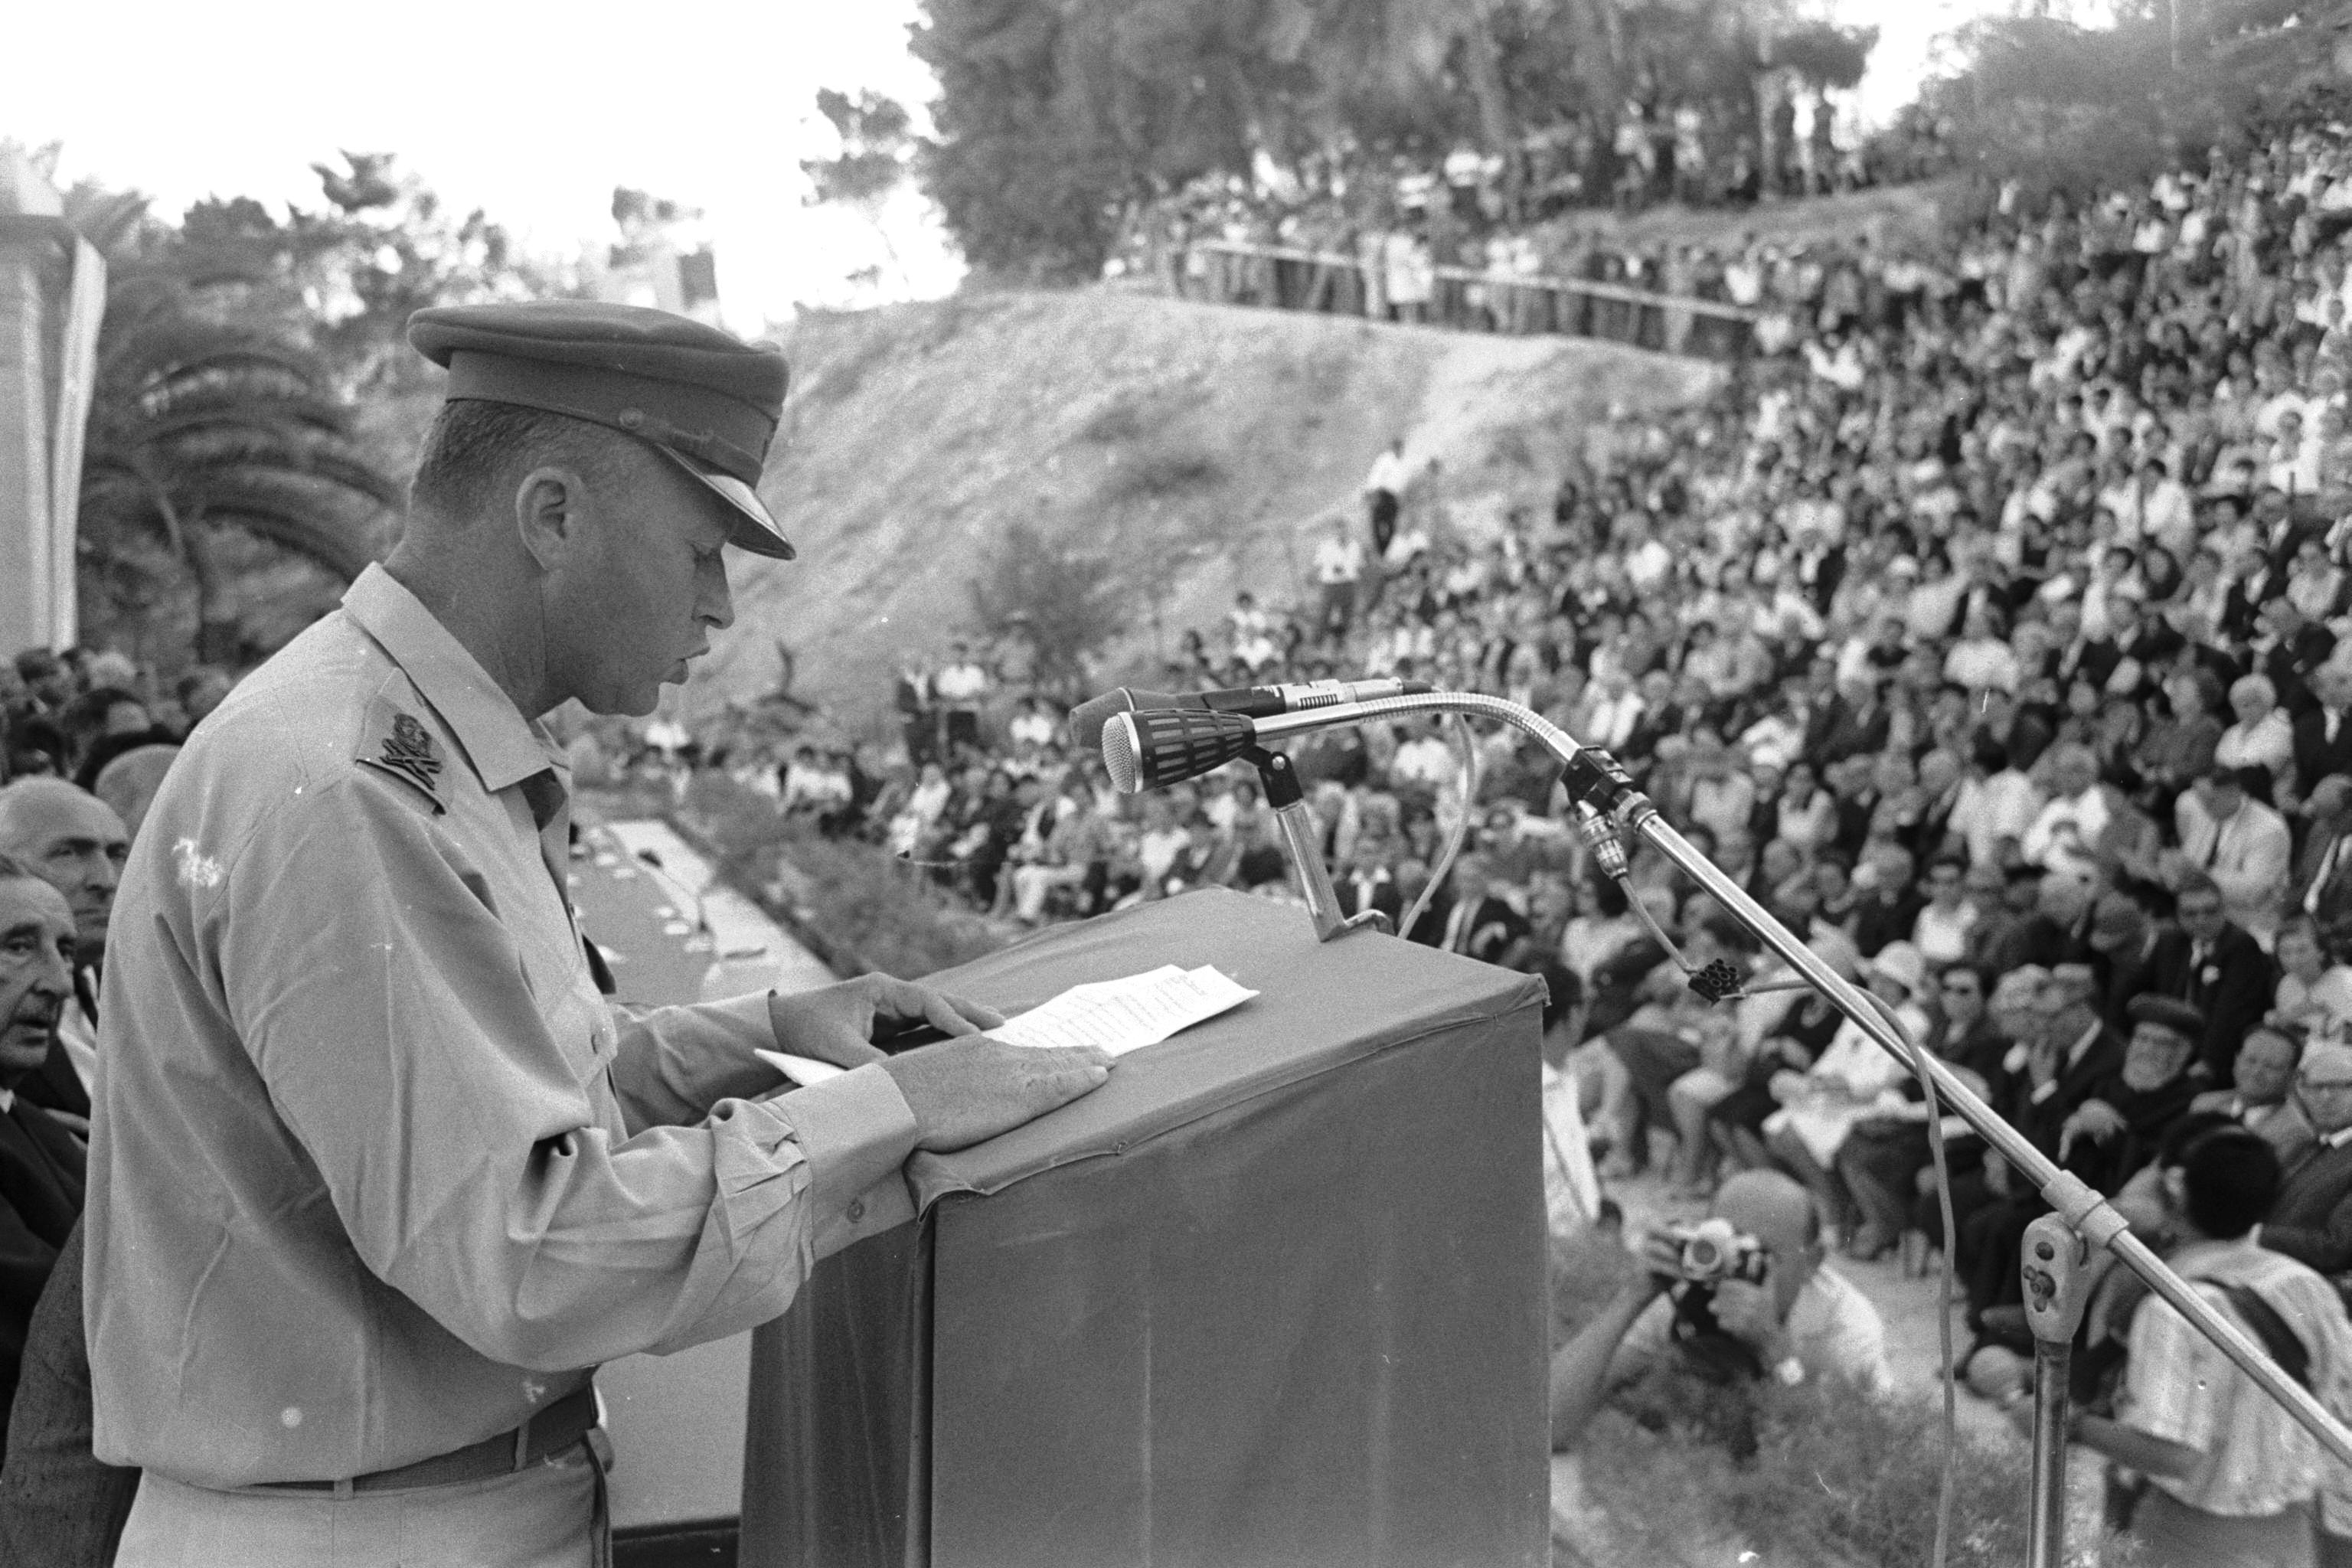 יצחק רבין- נאום הר הצופים (1967)